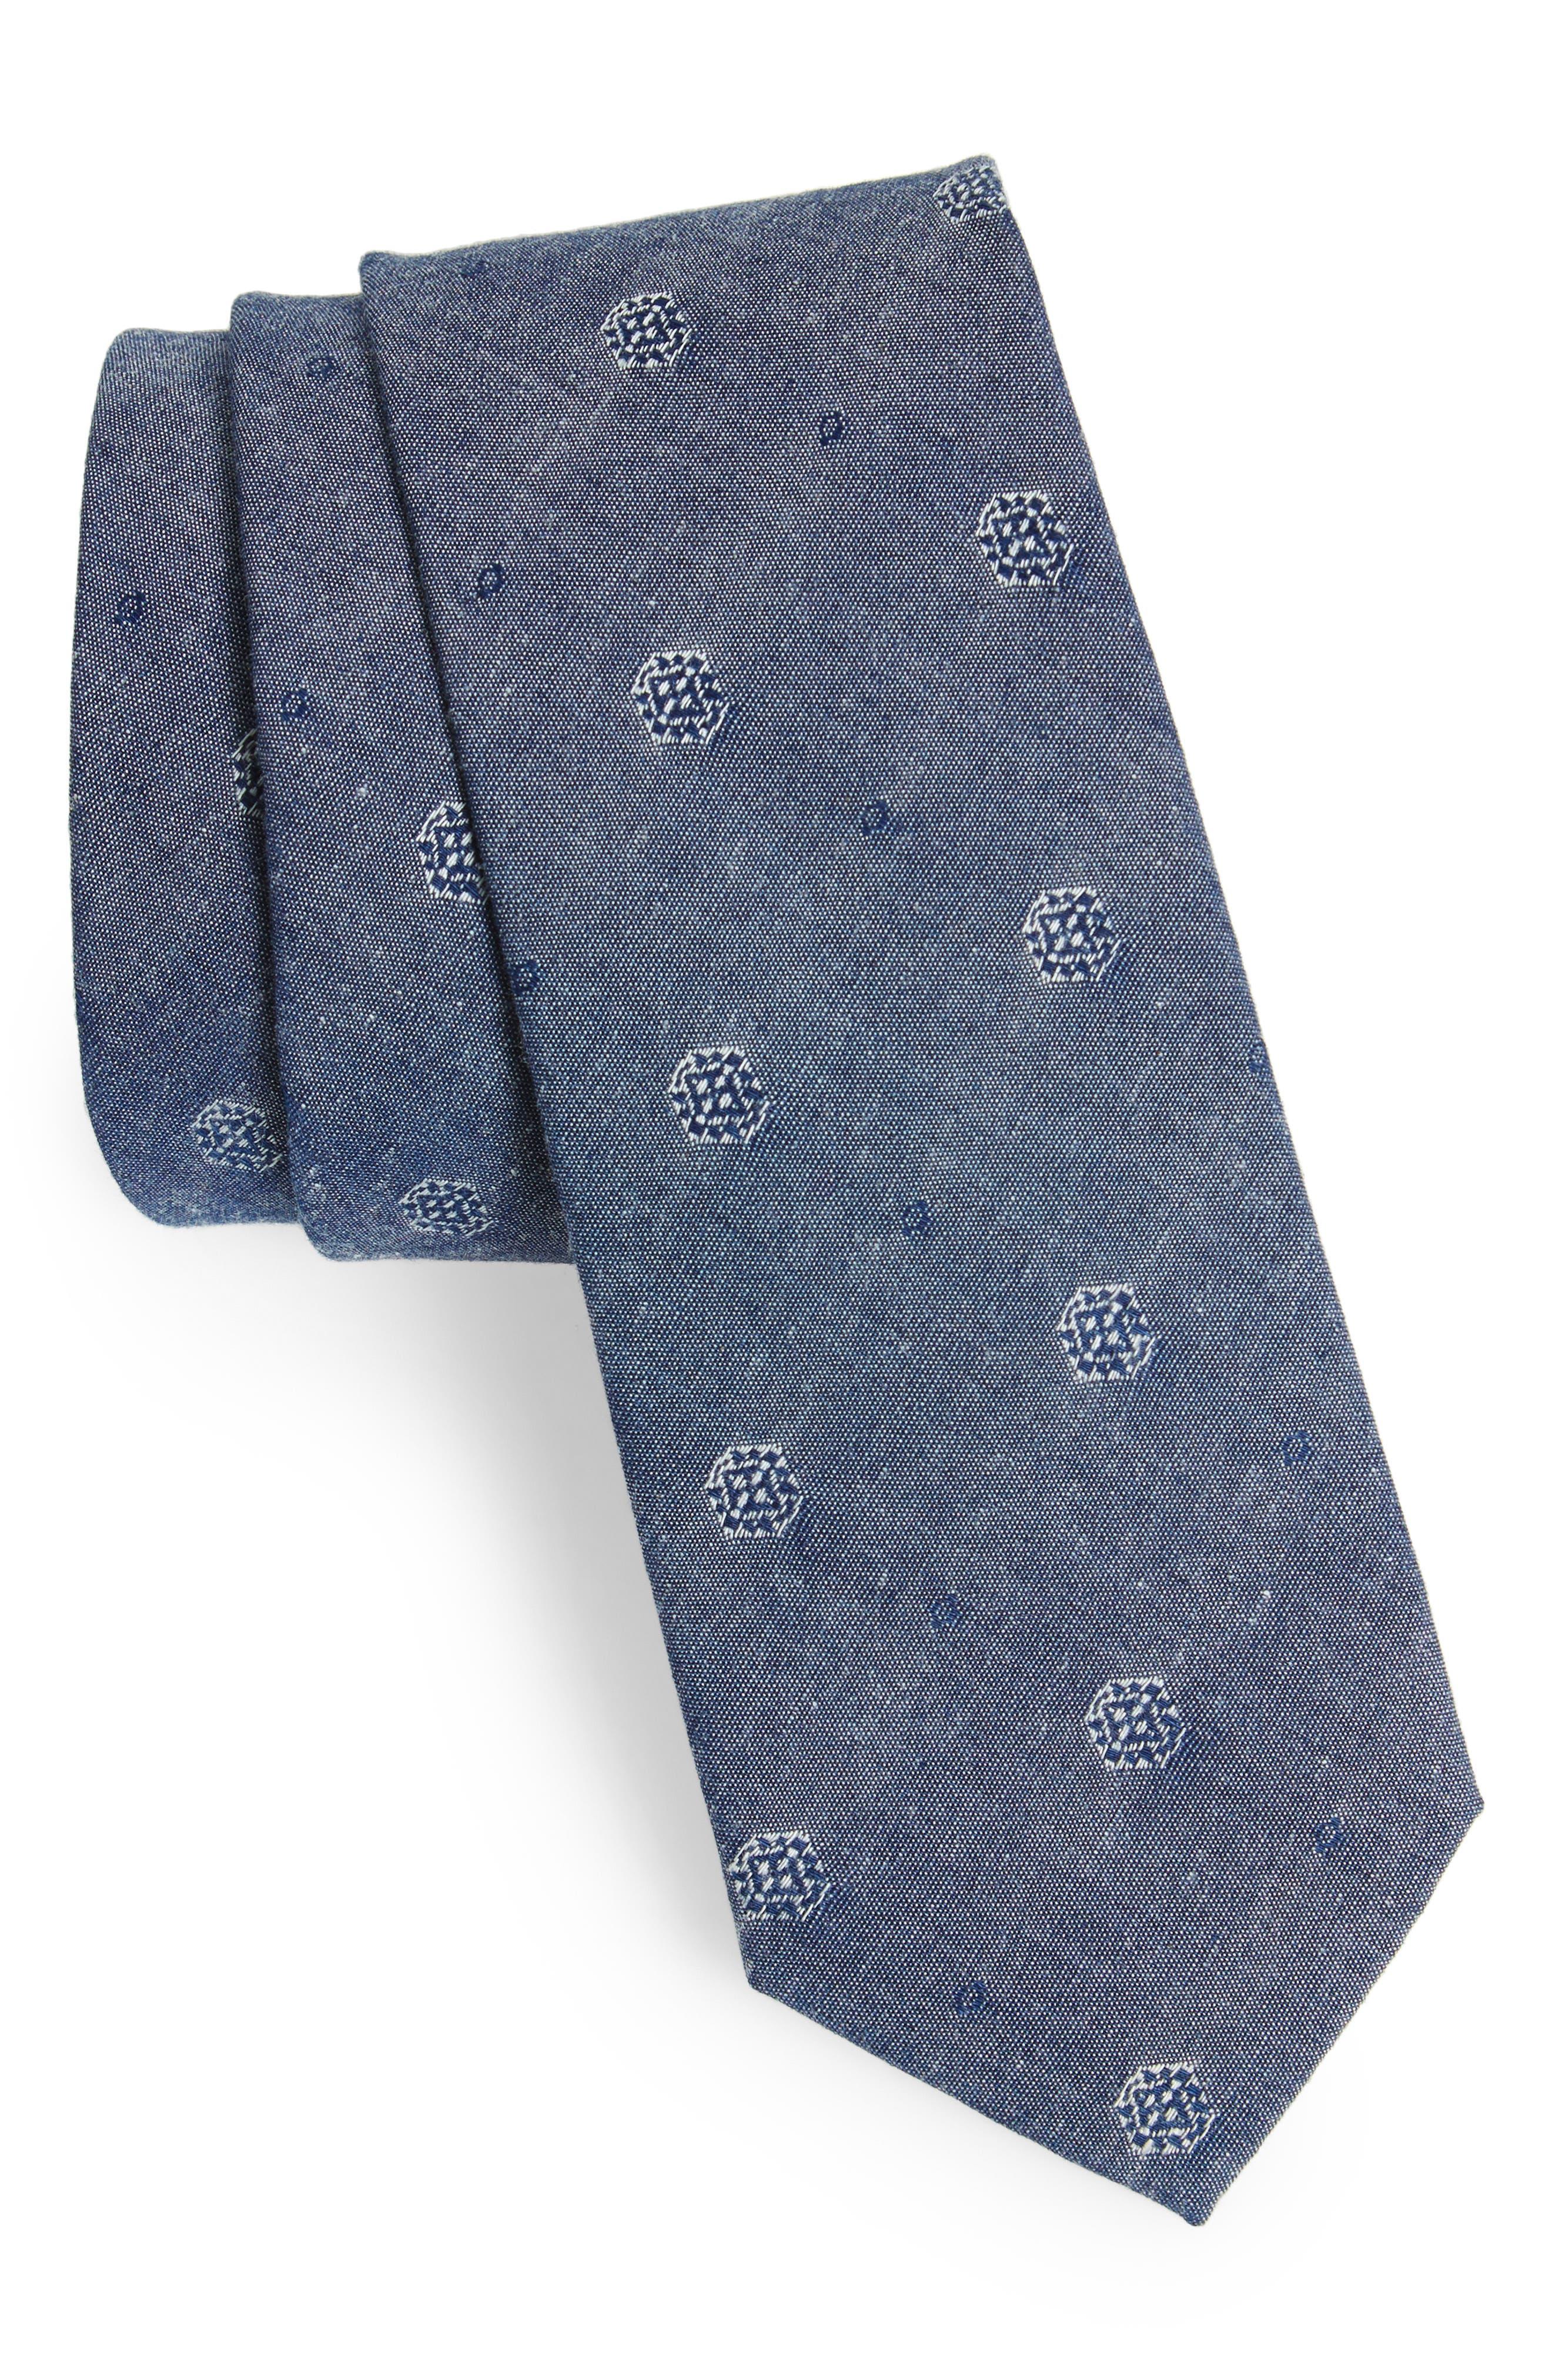 Medallion Cotton Tie,                         Main,                         color, 410